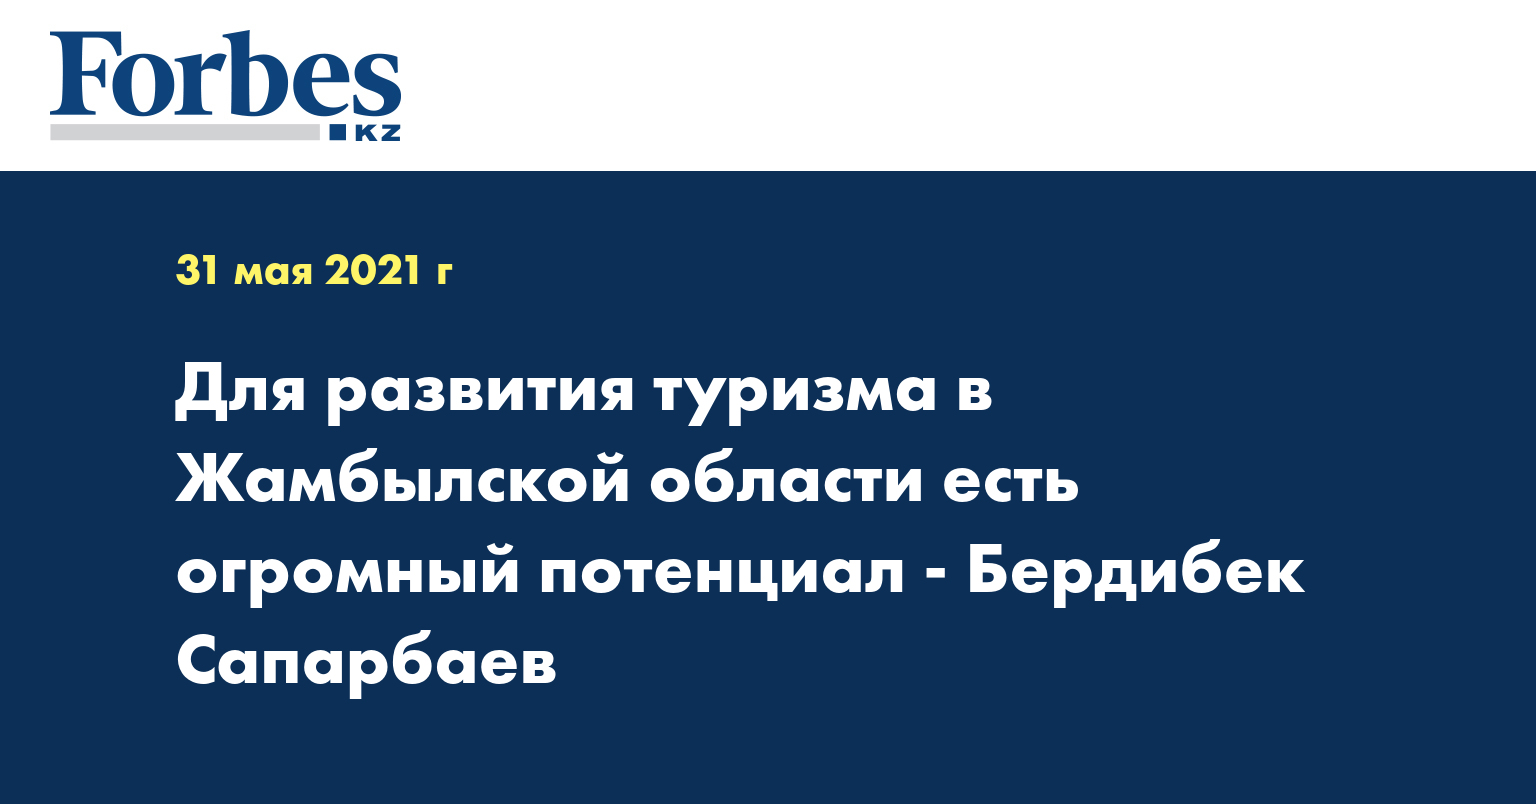 Для развития туризма в Жамбылской области есть огромный потенциал - Бердибек Сапарбаев